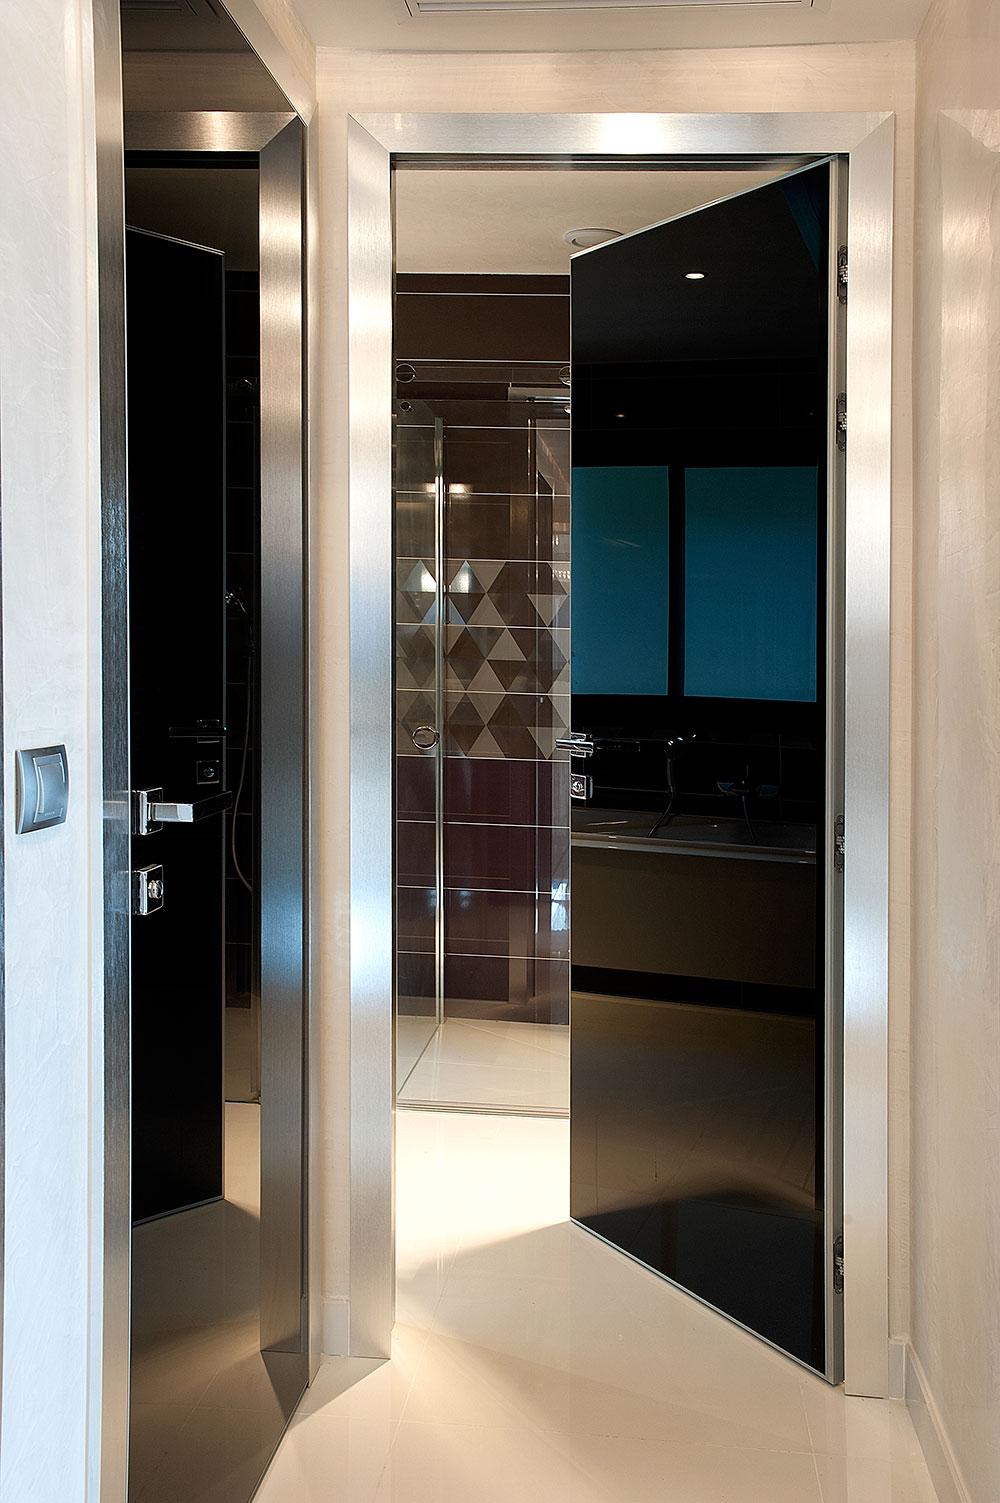 Villefrance sur mer porte scorrevoli e battenti per arredamento moderno e contemporaneo - Porte scorrevoli a specchio ...